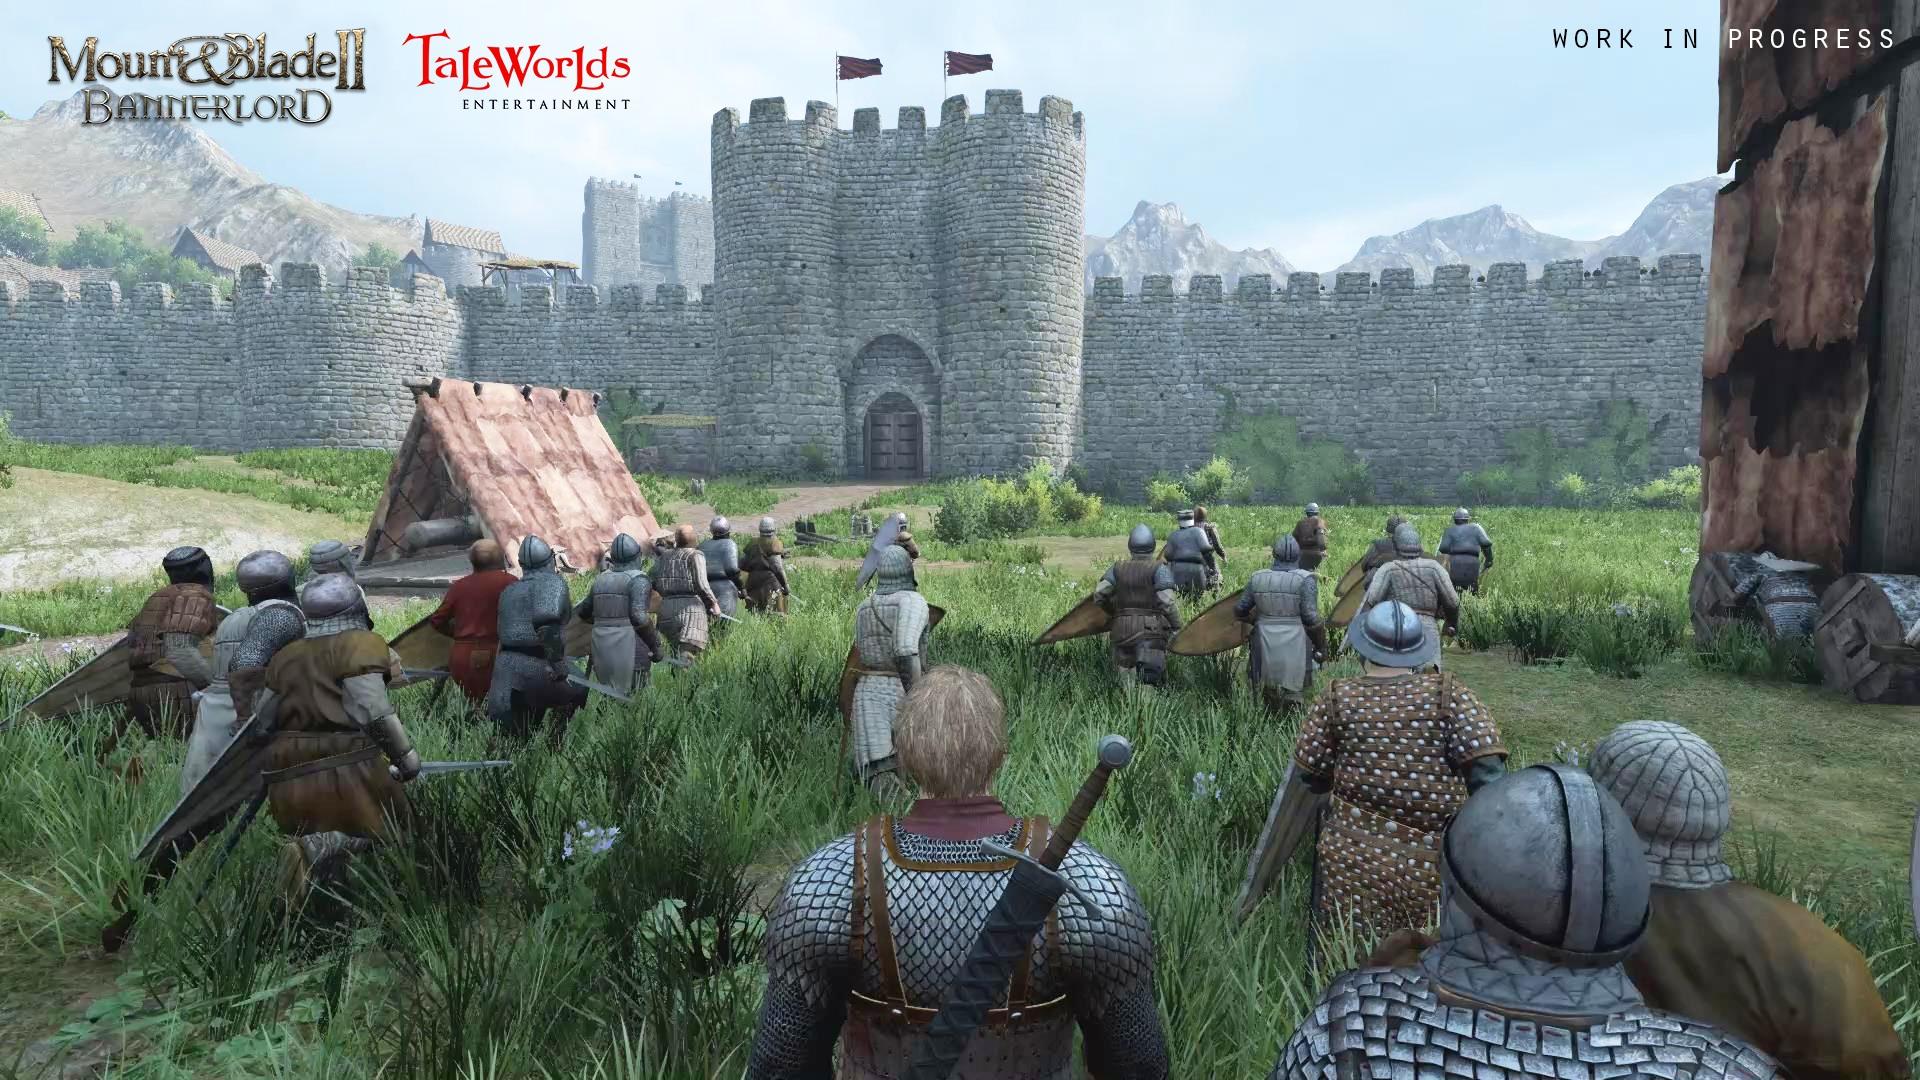 Siêu phẩm A-RPG thời Trung cổ Mount & Blade 2 tung hình ảnh giới thiệu bối cảnh cực chất